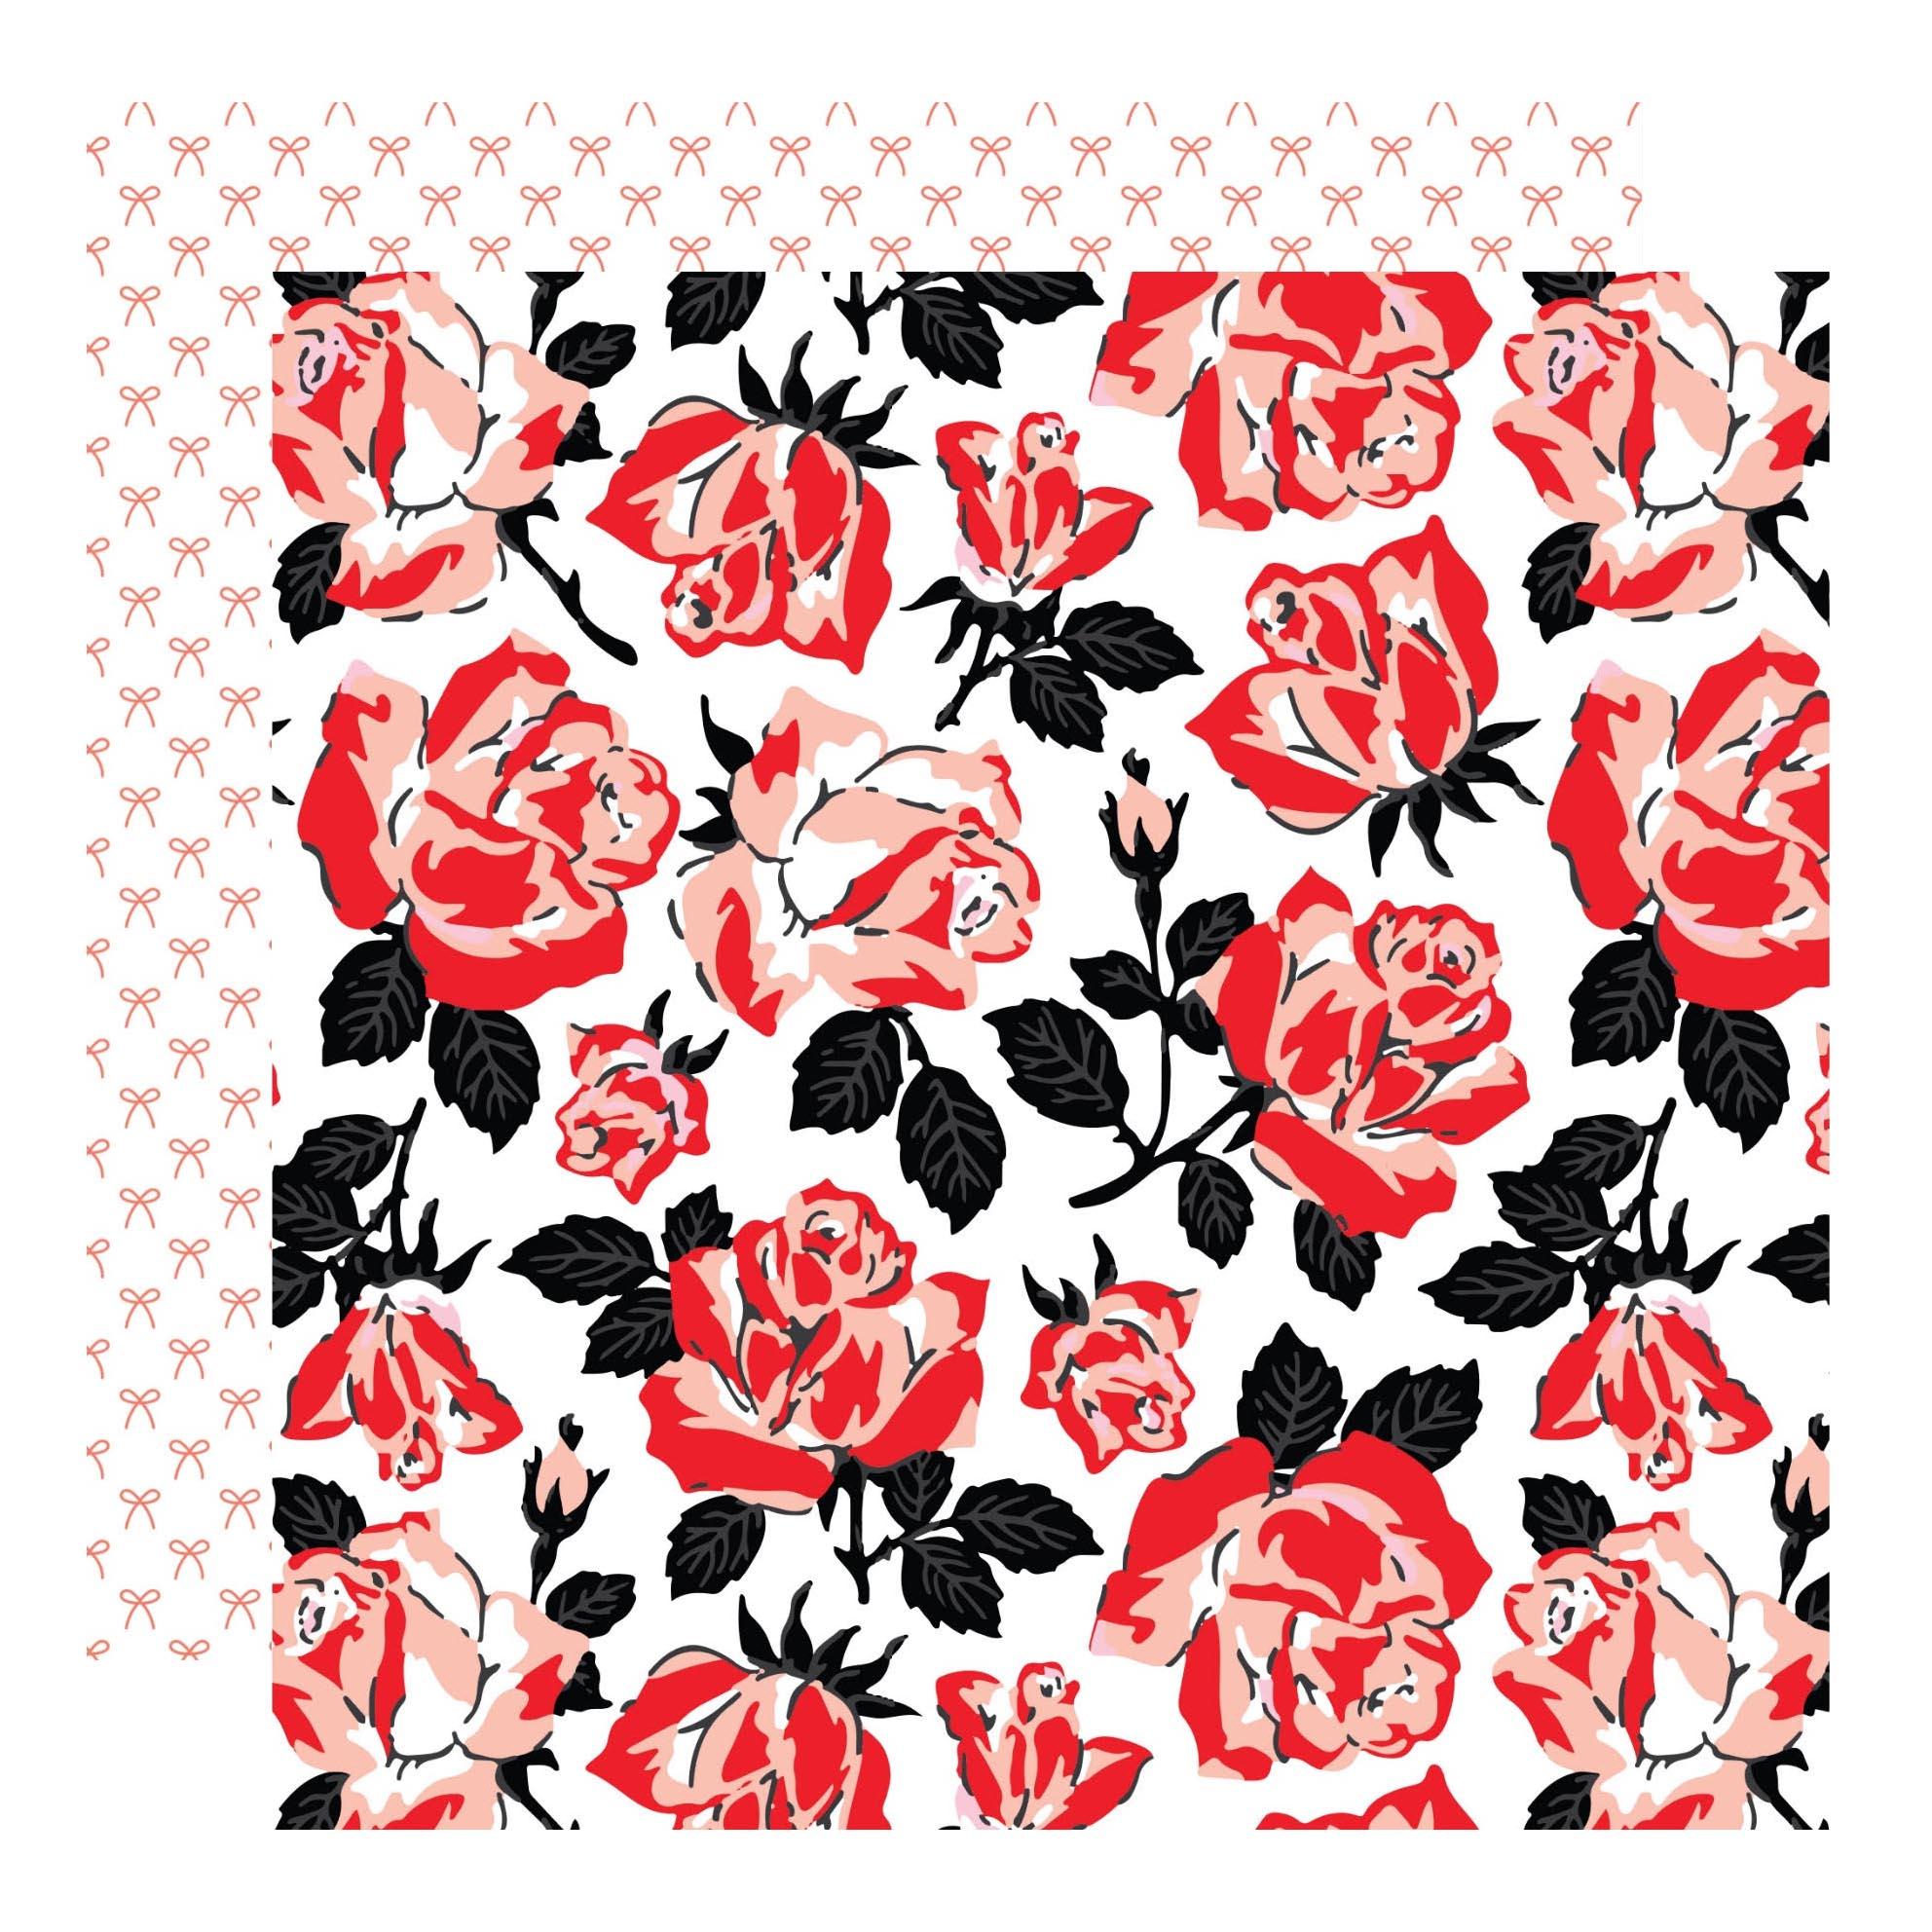 דף קארדסטוק- מדגדג לי בבטן- פרחים ופפיונים